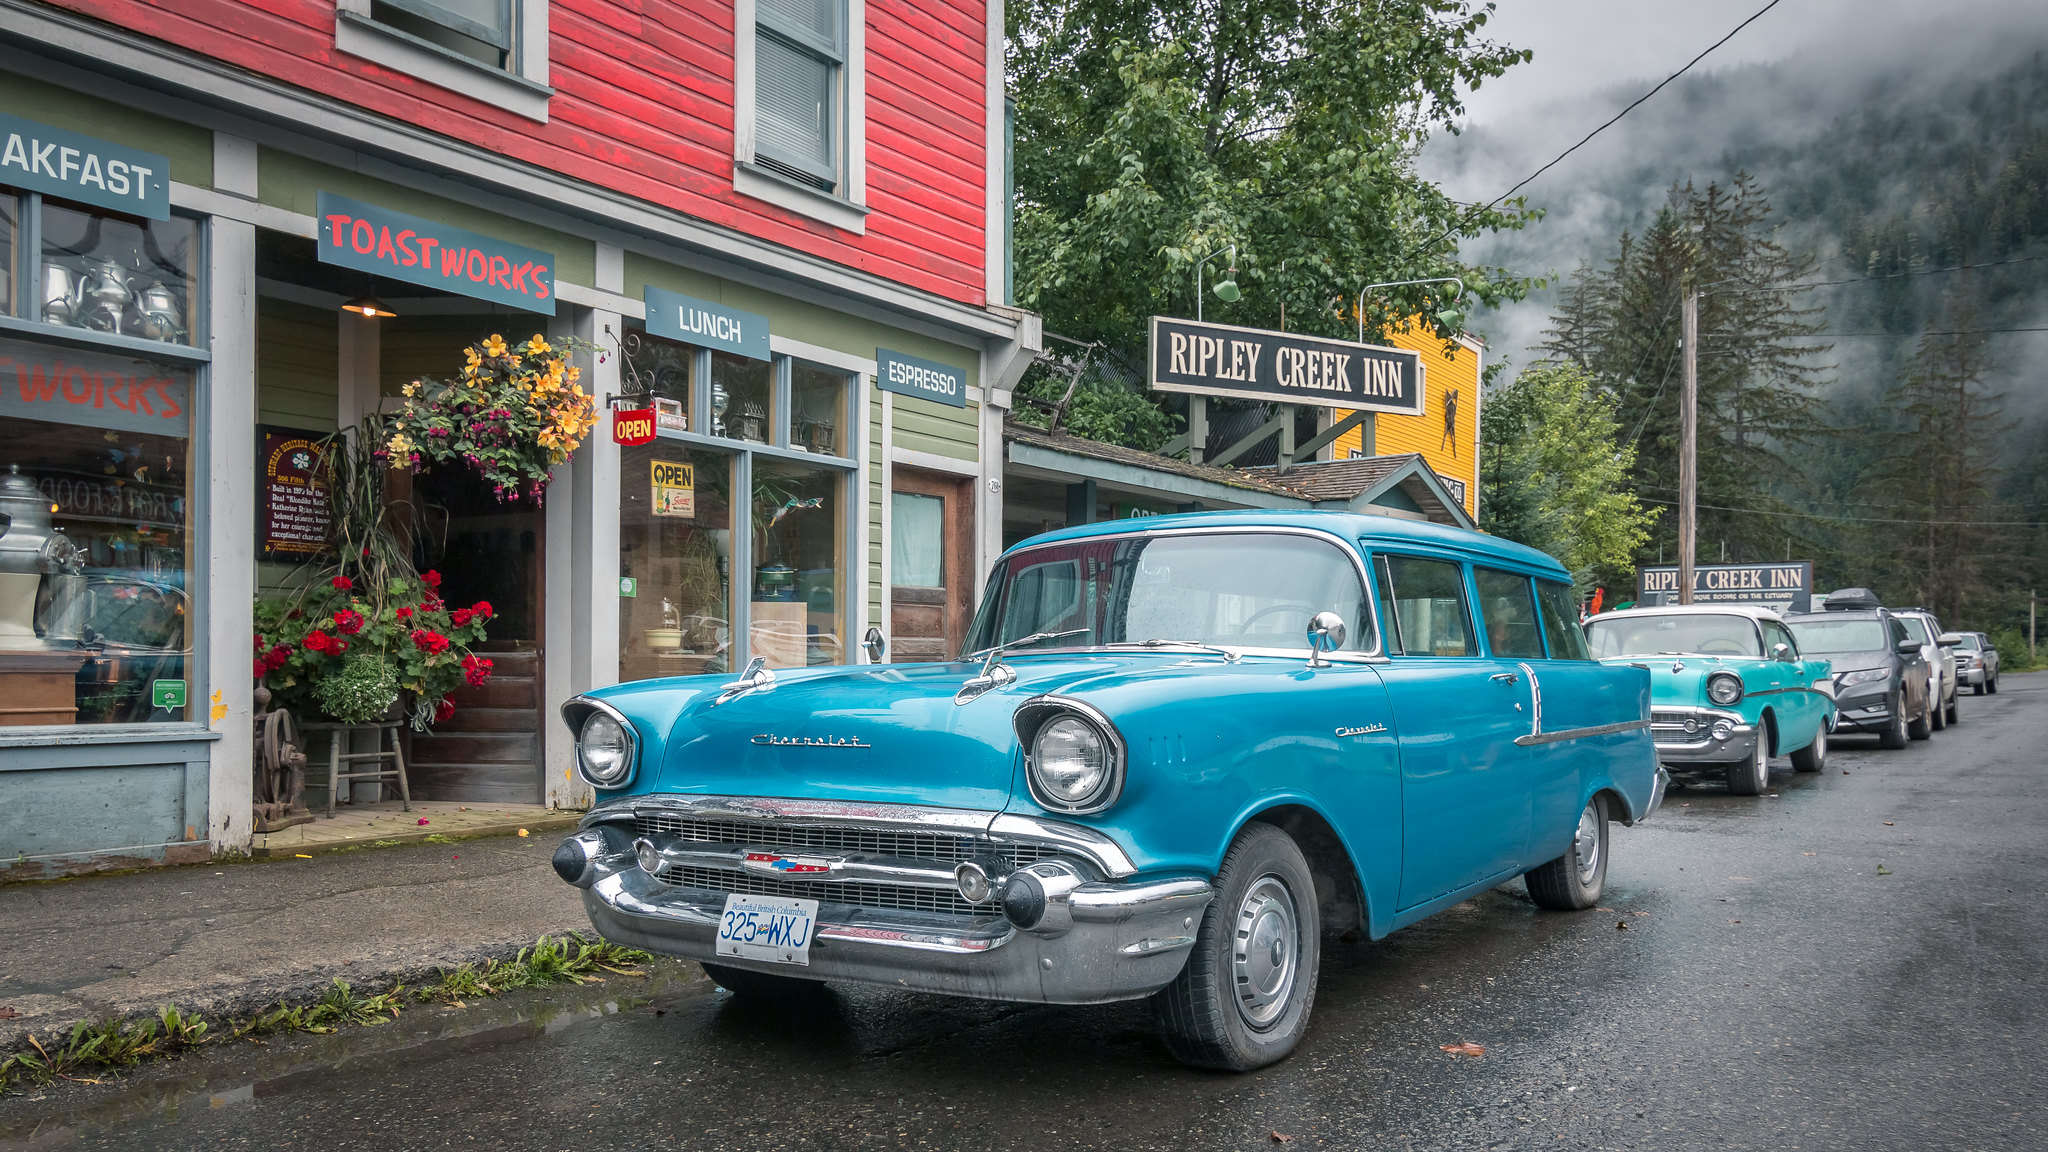 Stewart - Colombie Britannique - [Canada]